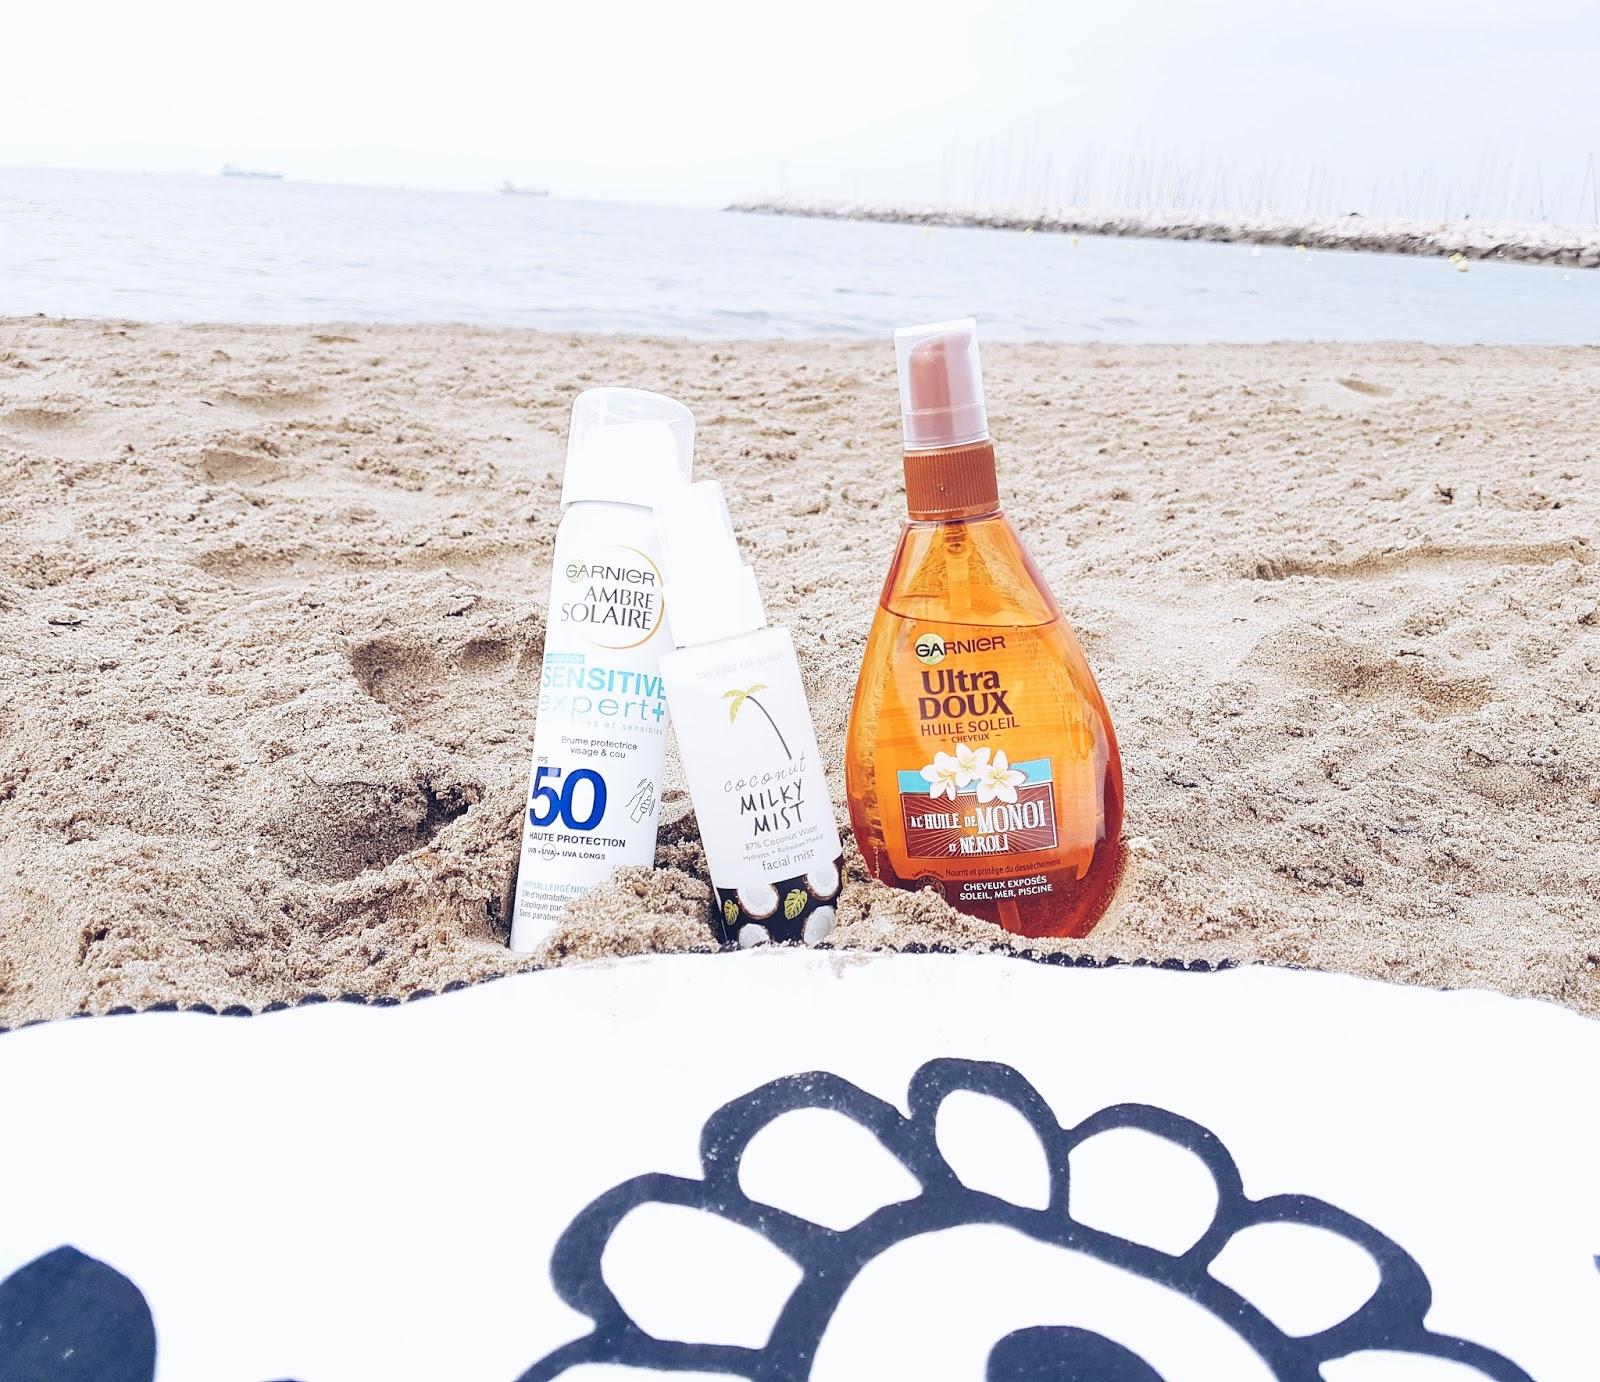 huile-de-monoi-et-neroli-garnier-protection-solaire-cheveux-avis-mama-syca-beaute